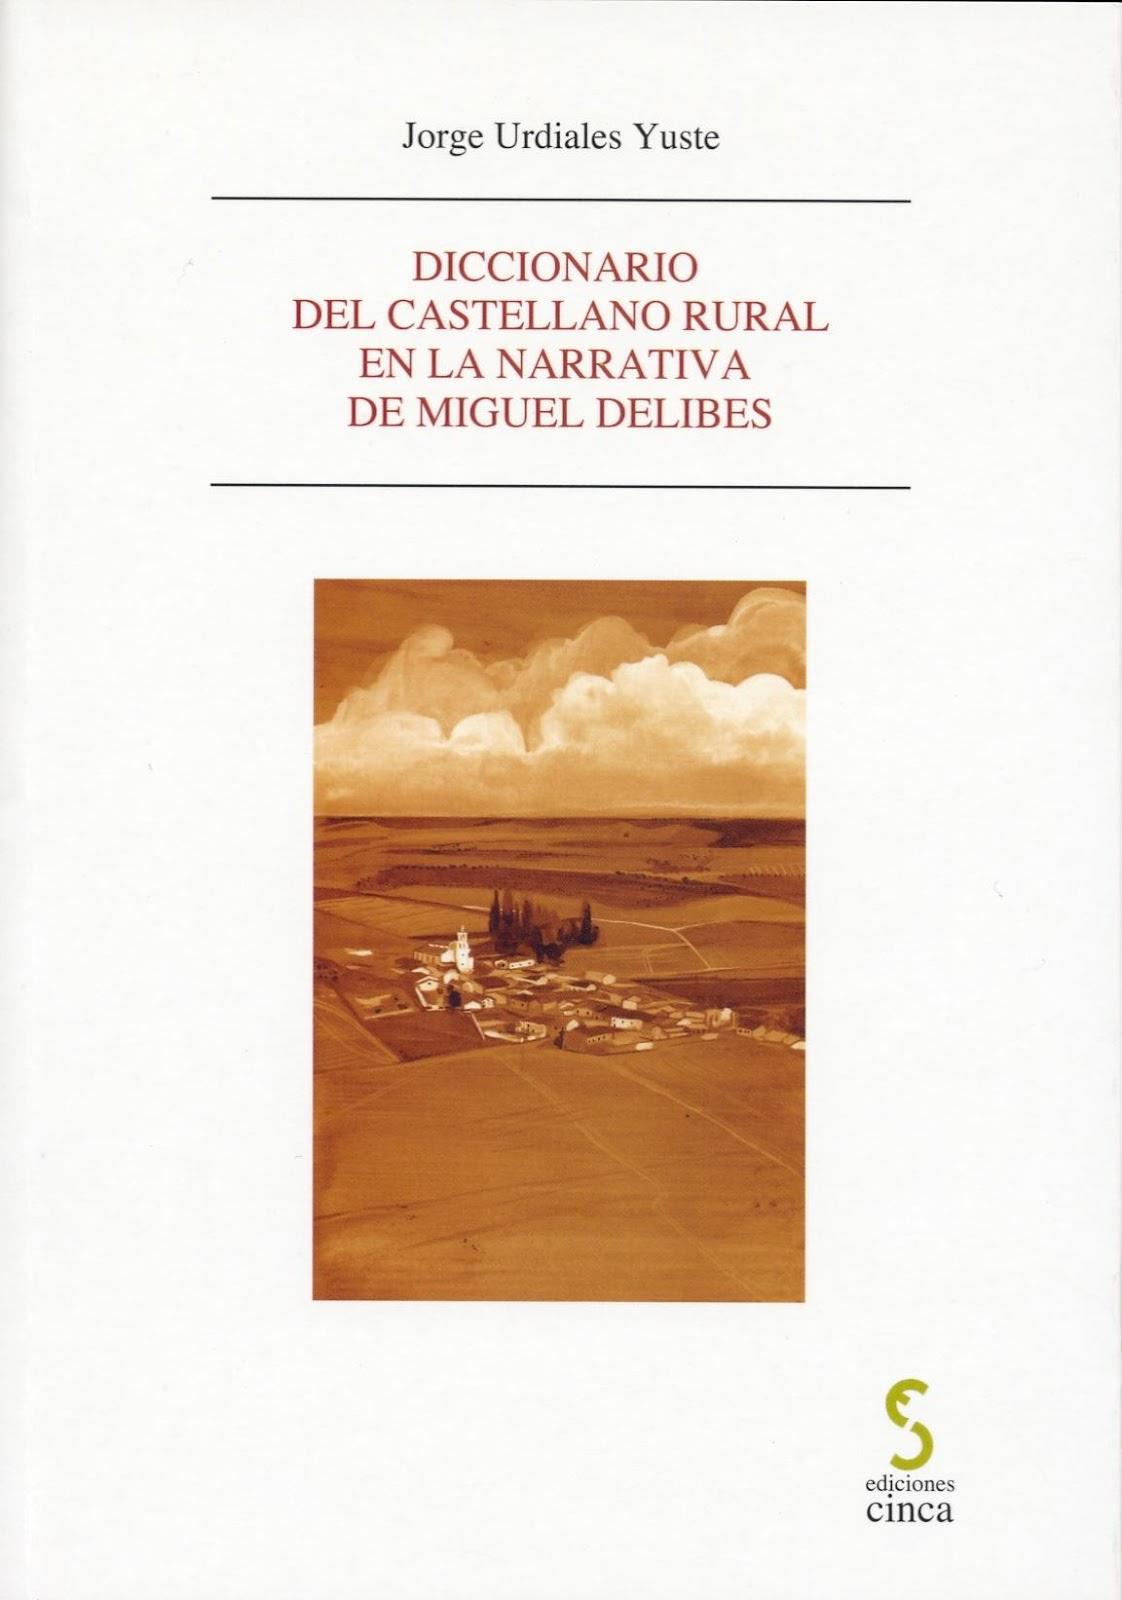 Diccionario del castellano rural en Delibes